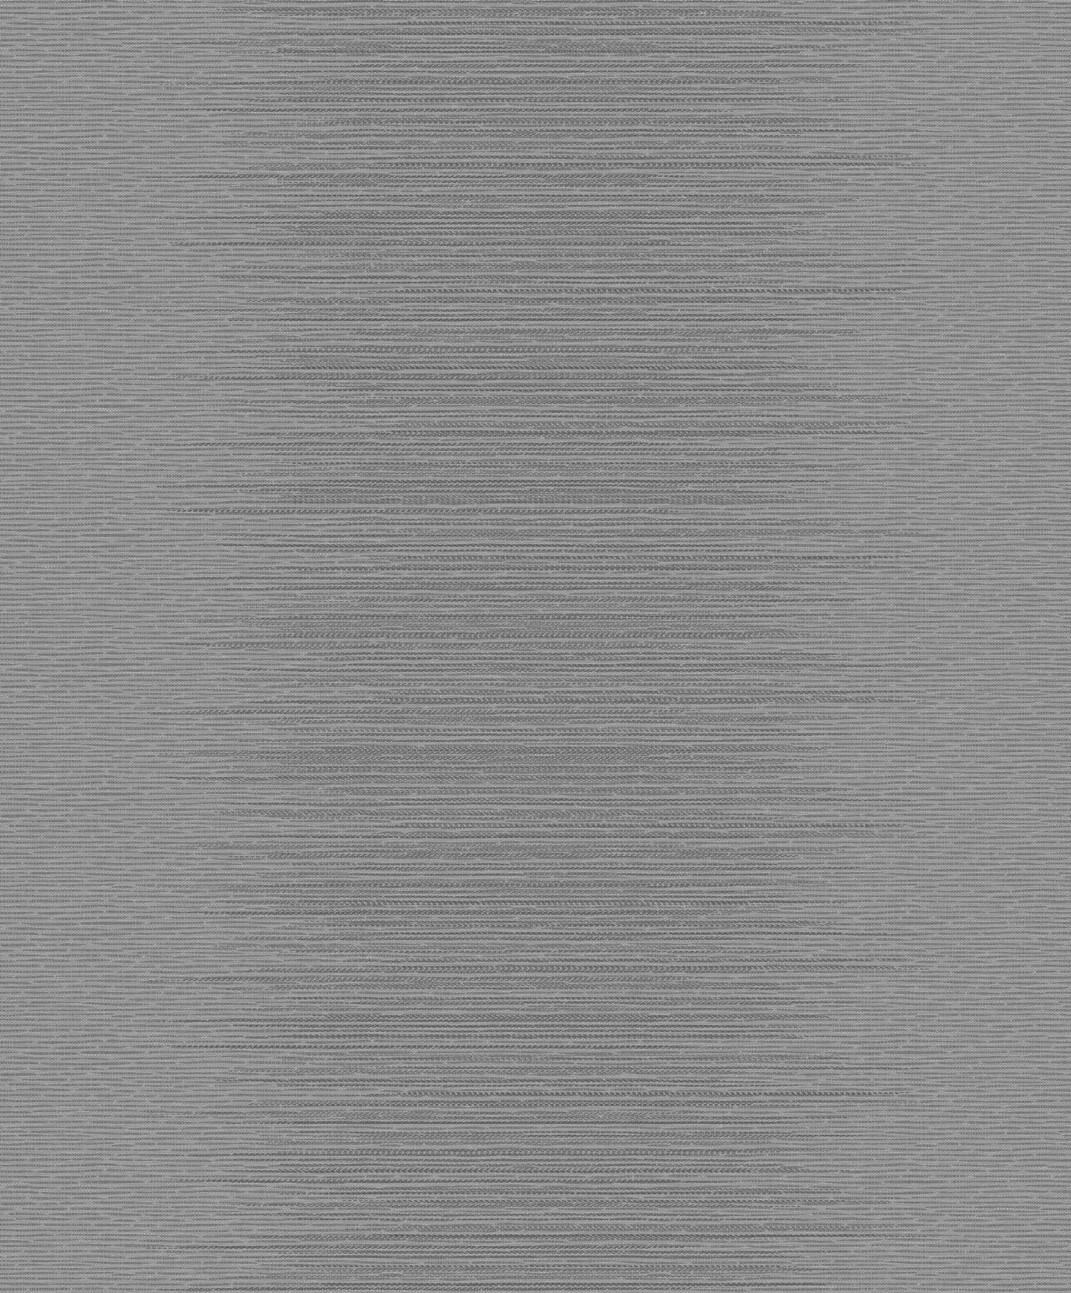 Tapety na zeď Vavex A10011 | 0,53 x 10,05 m (Vliesová tapeta - šedá)